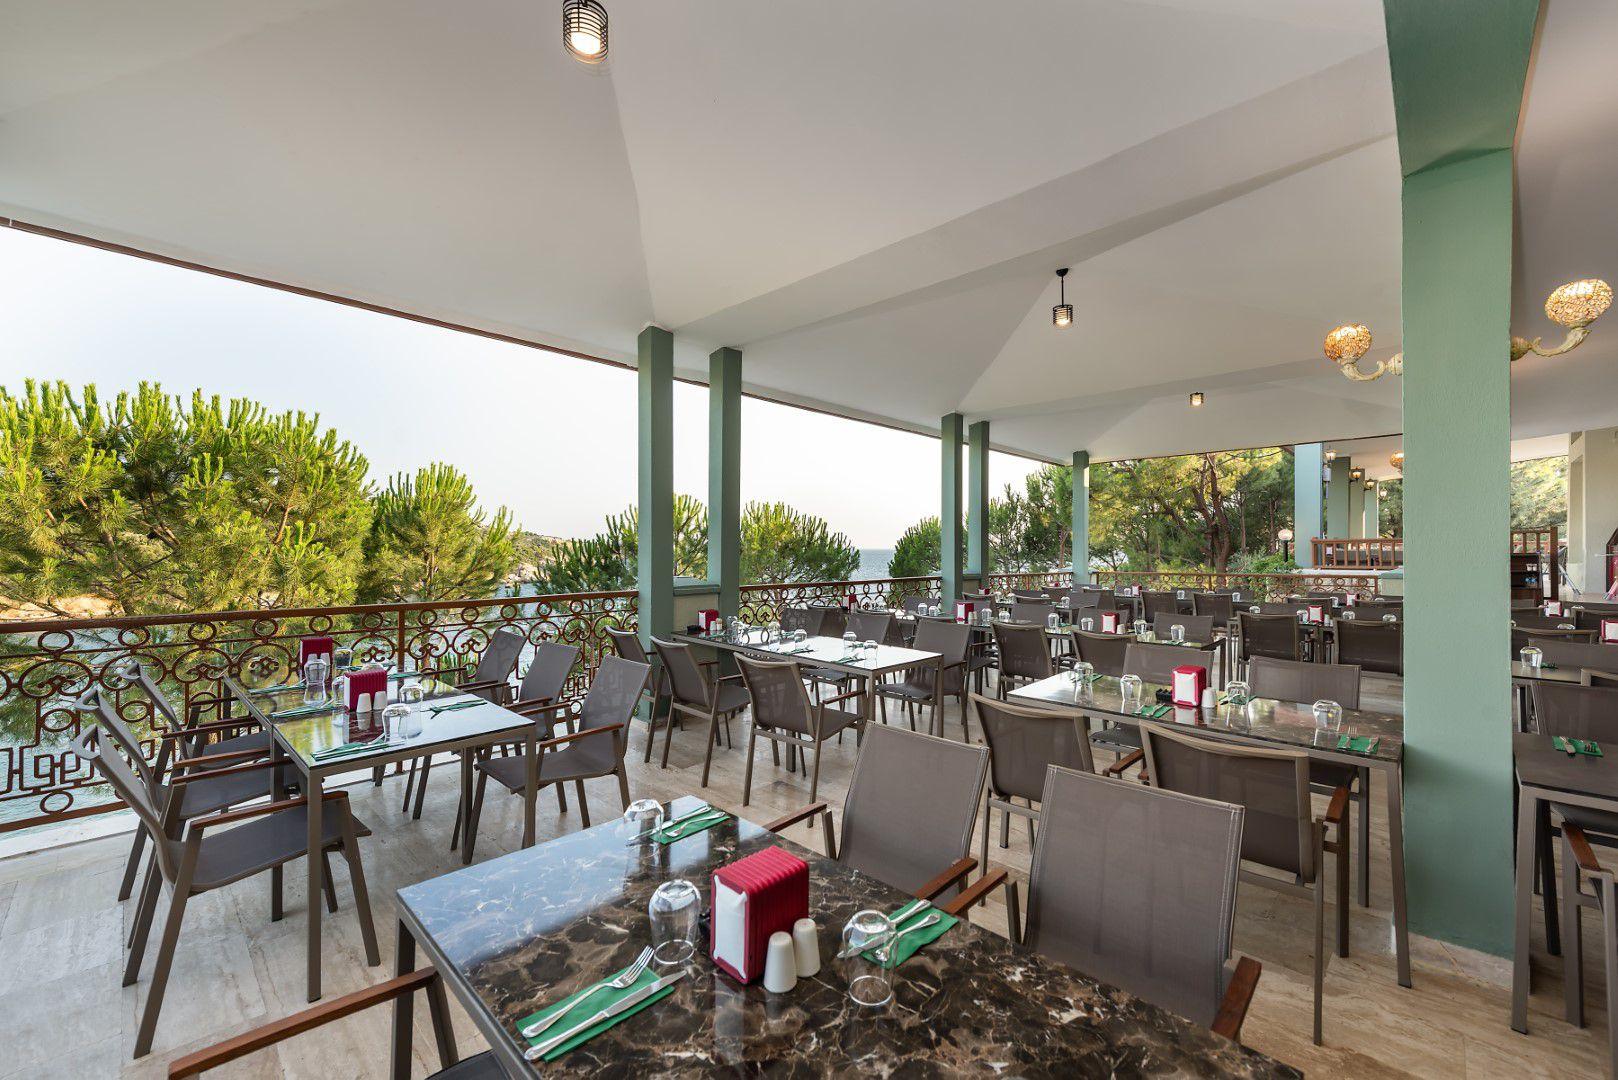 Teos Village Restoran